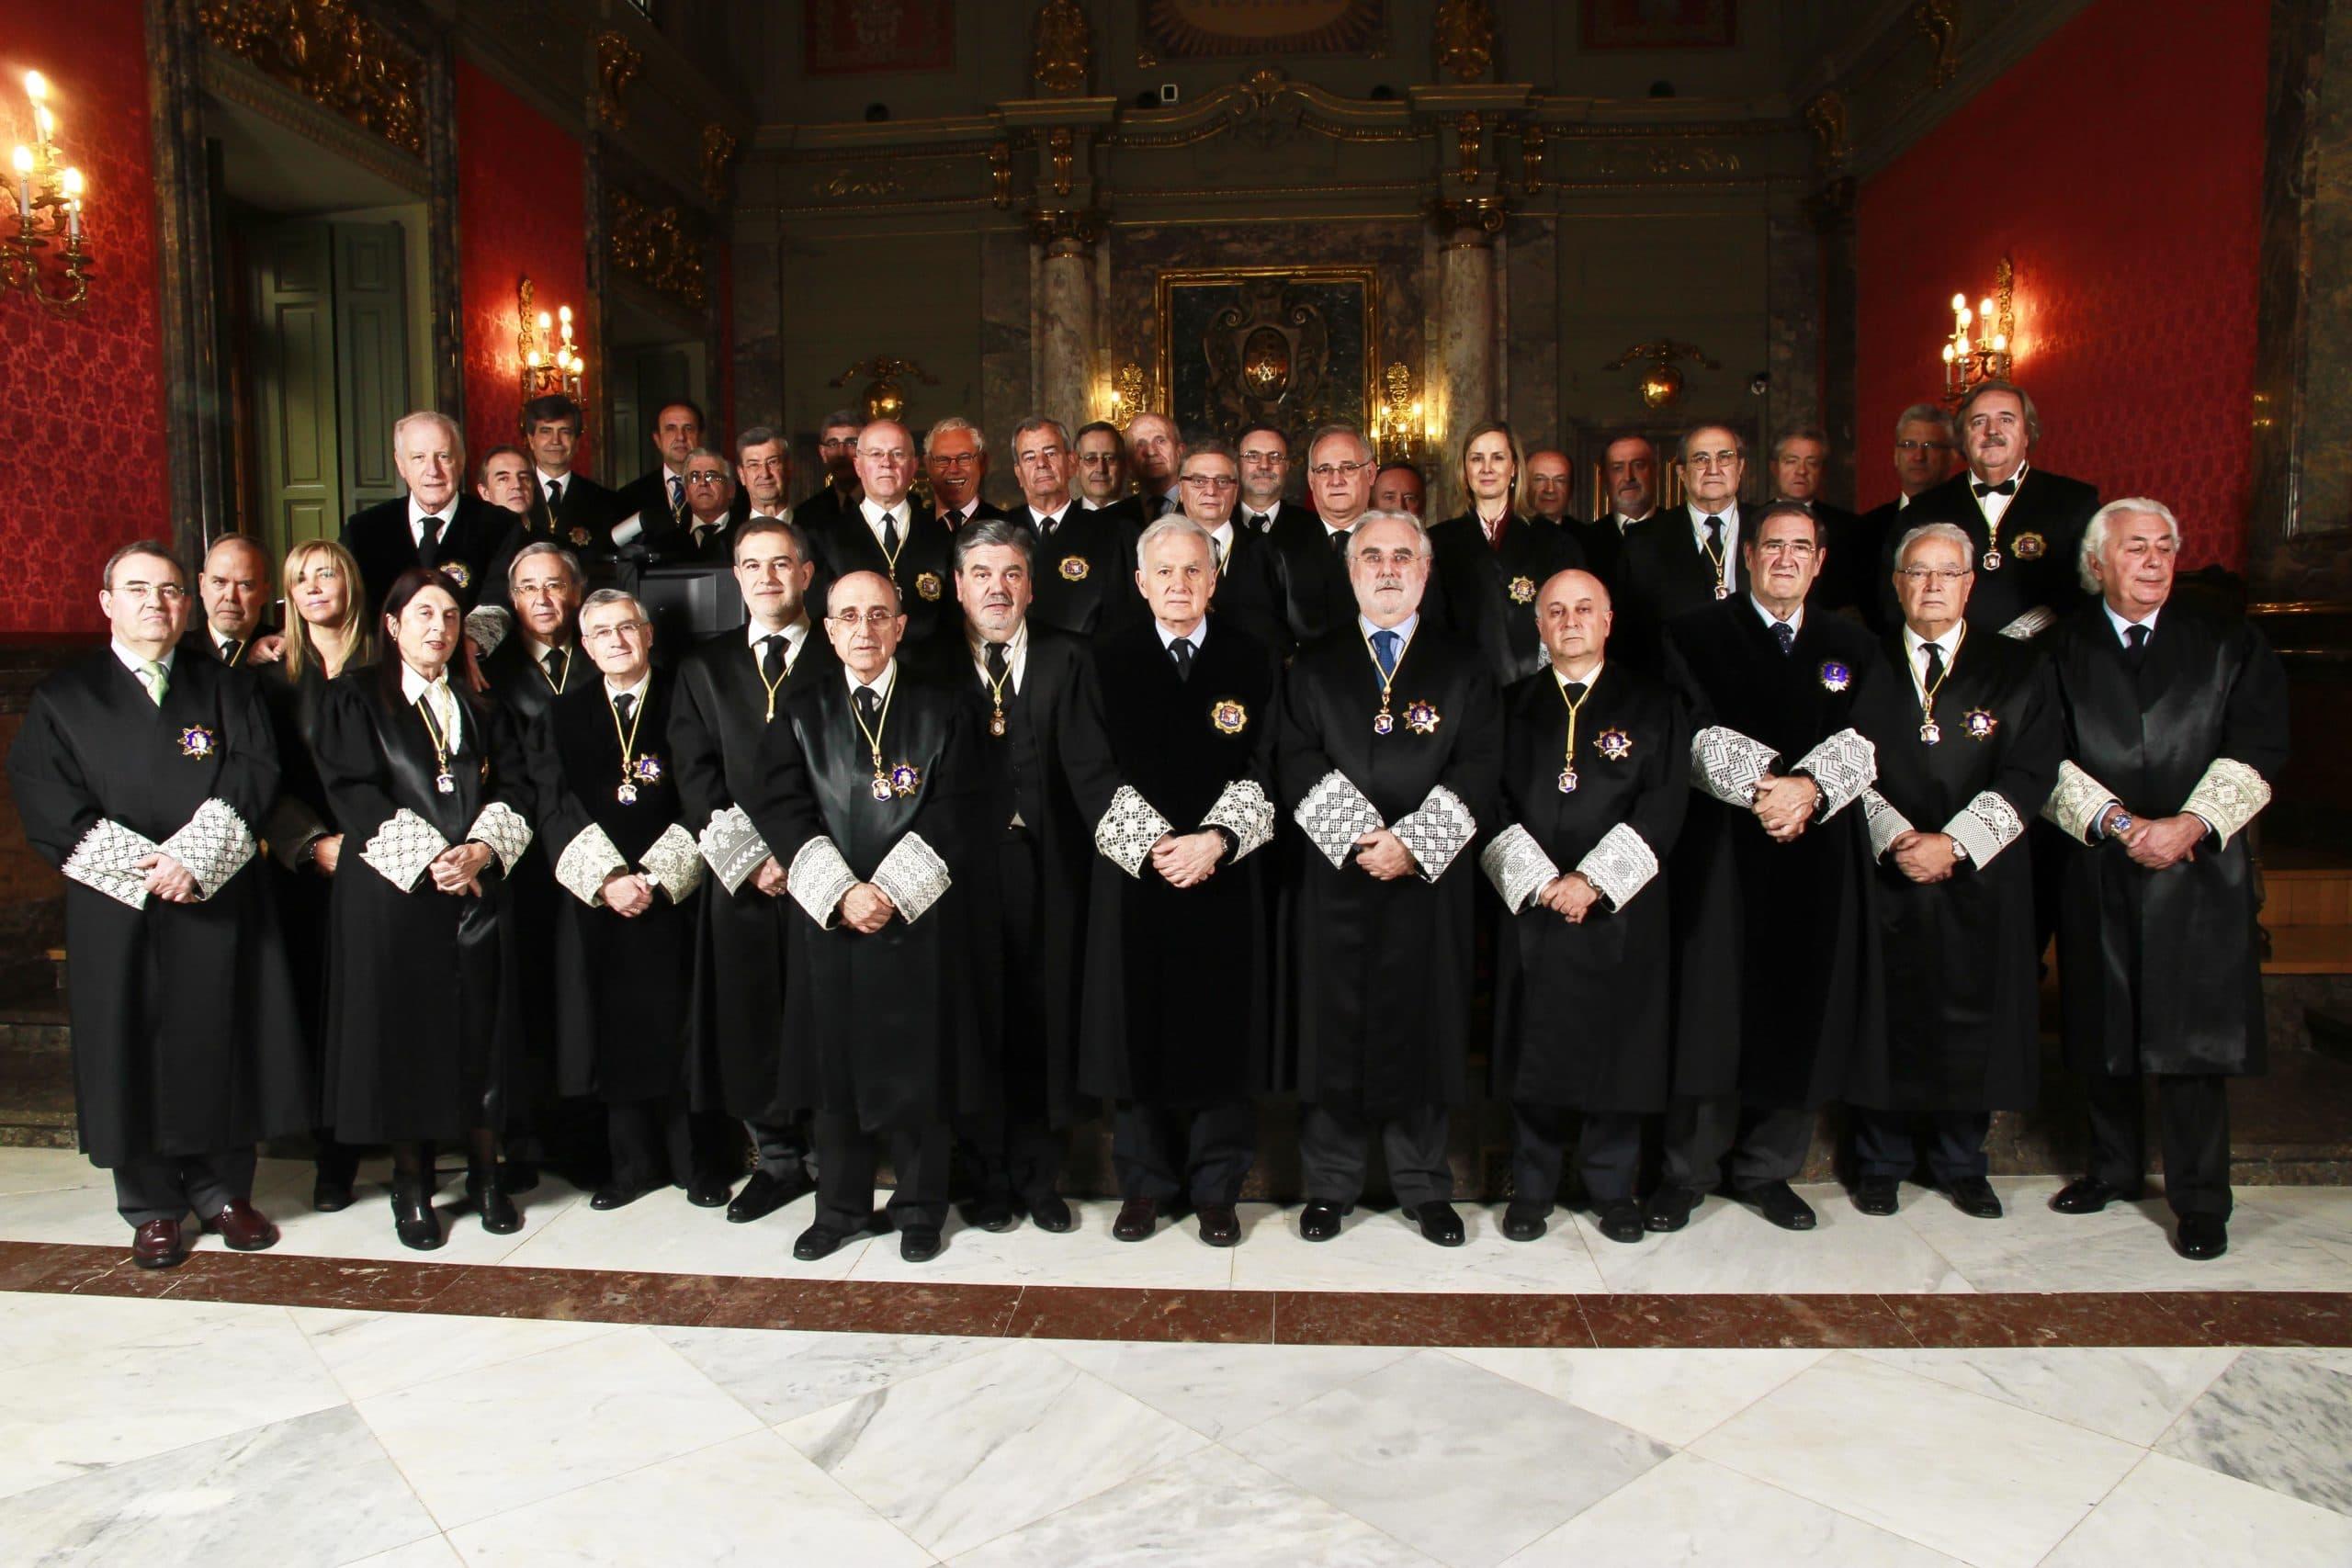 Foto oficial de la Sala de lo Contencioso-Administrativo del Tribunal Supremo en 2013. Carlos Berbell.